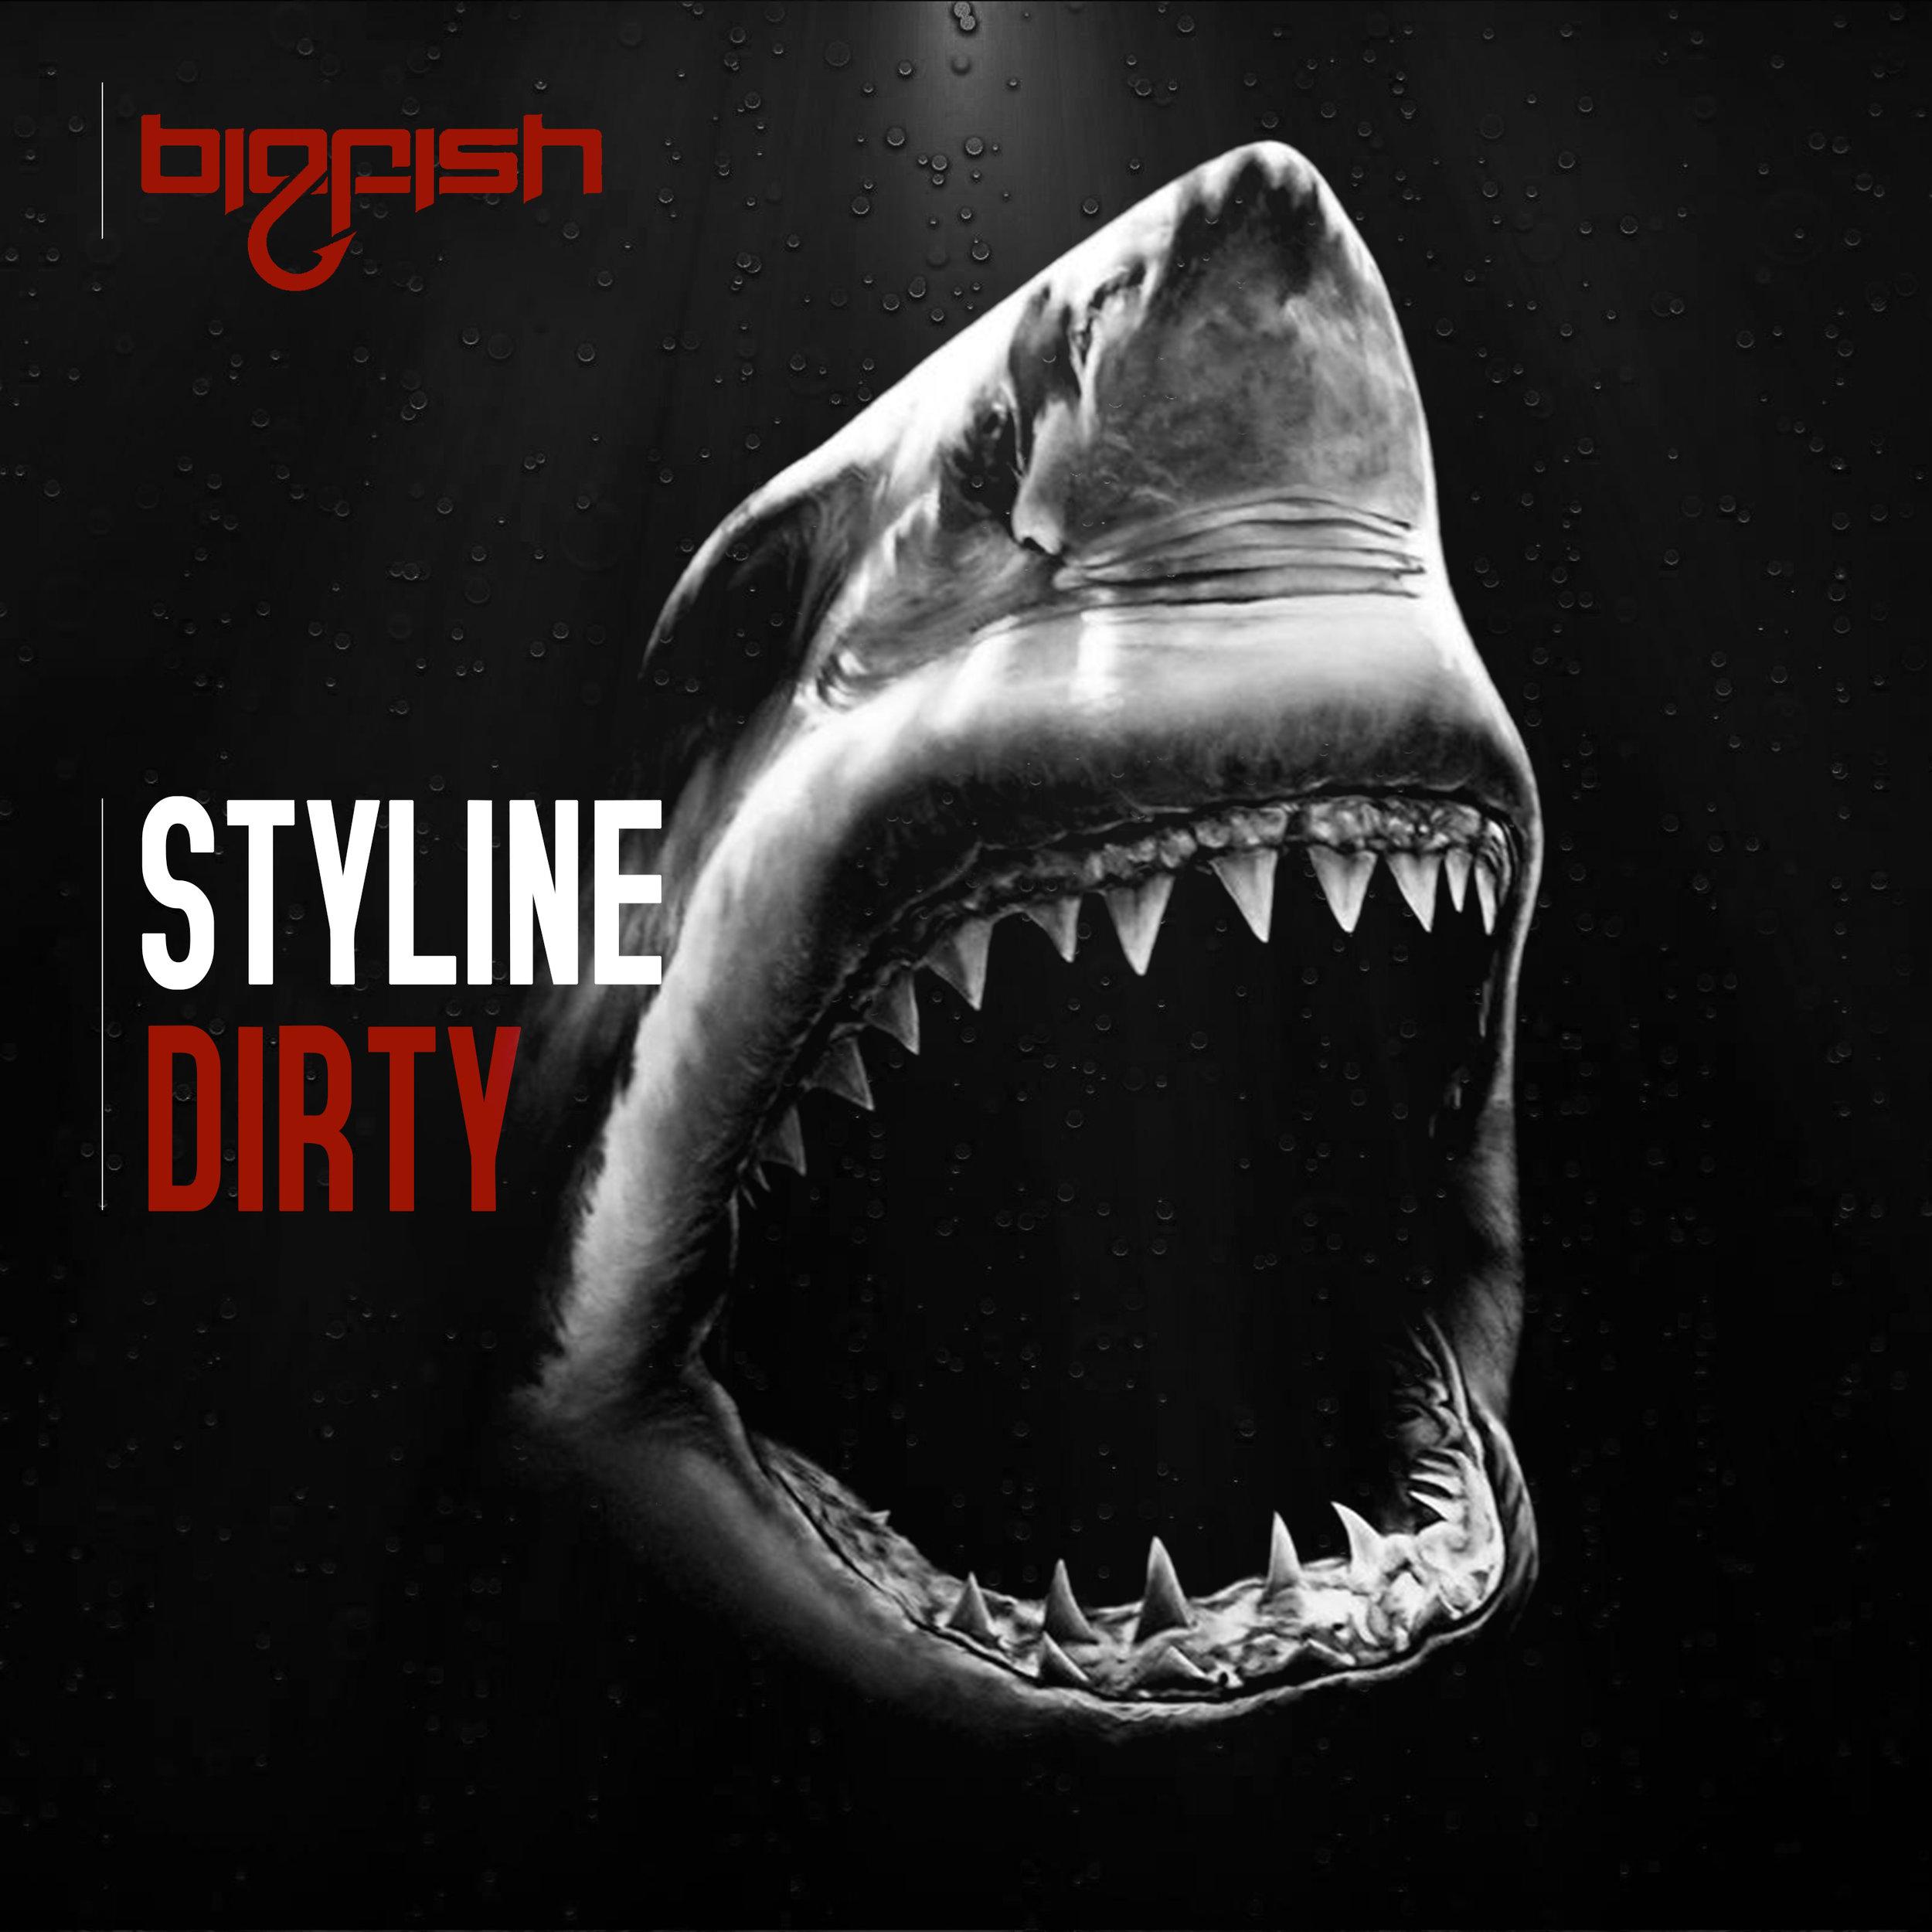 Styline - Dirty